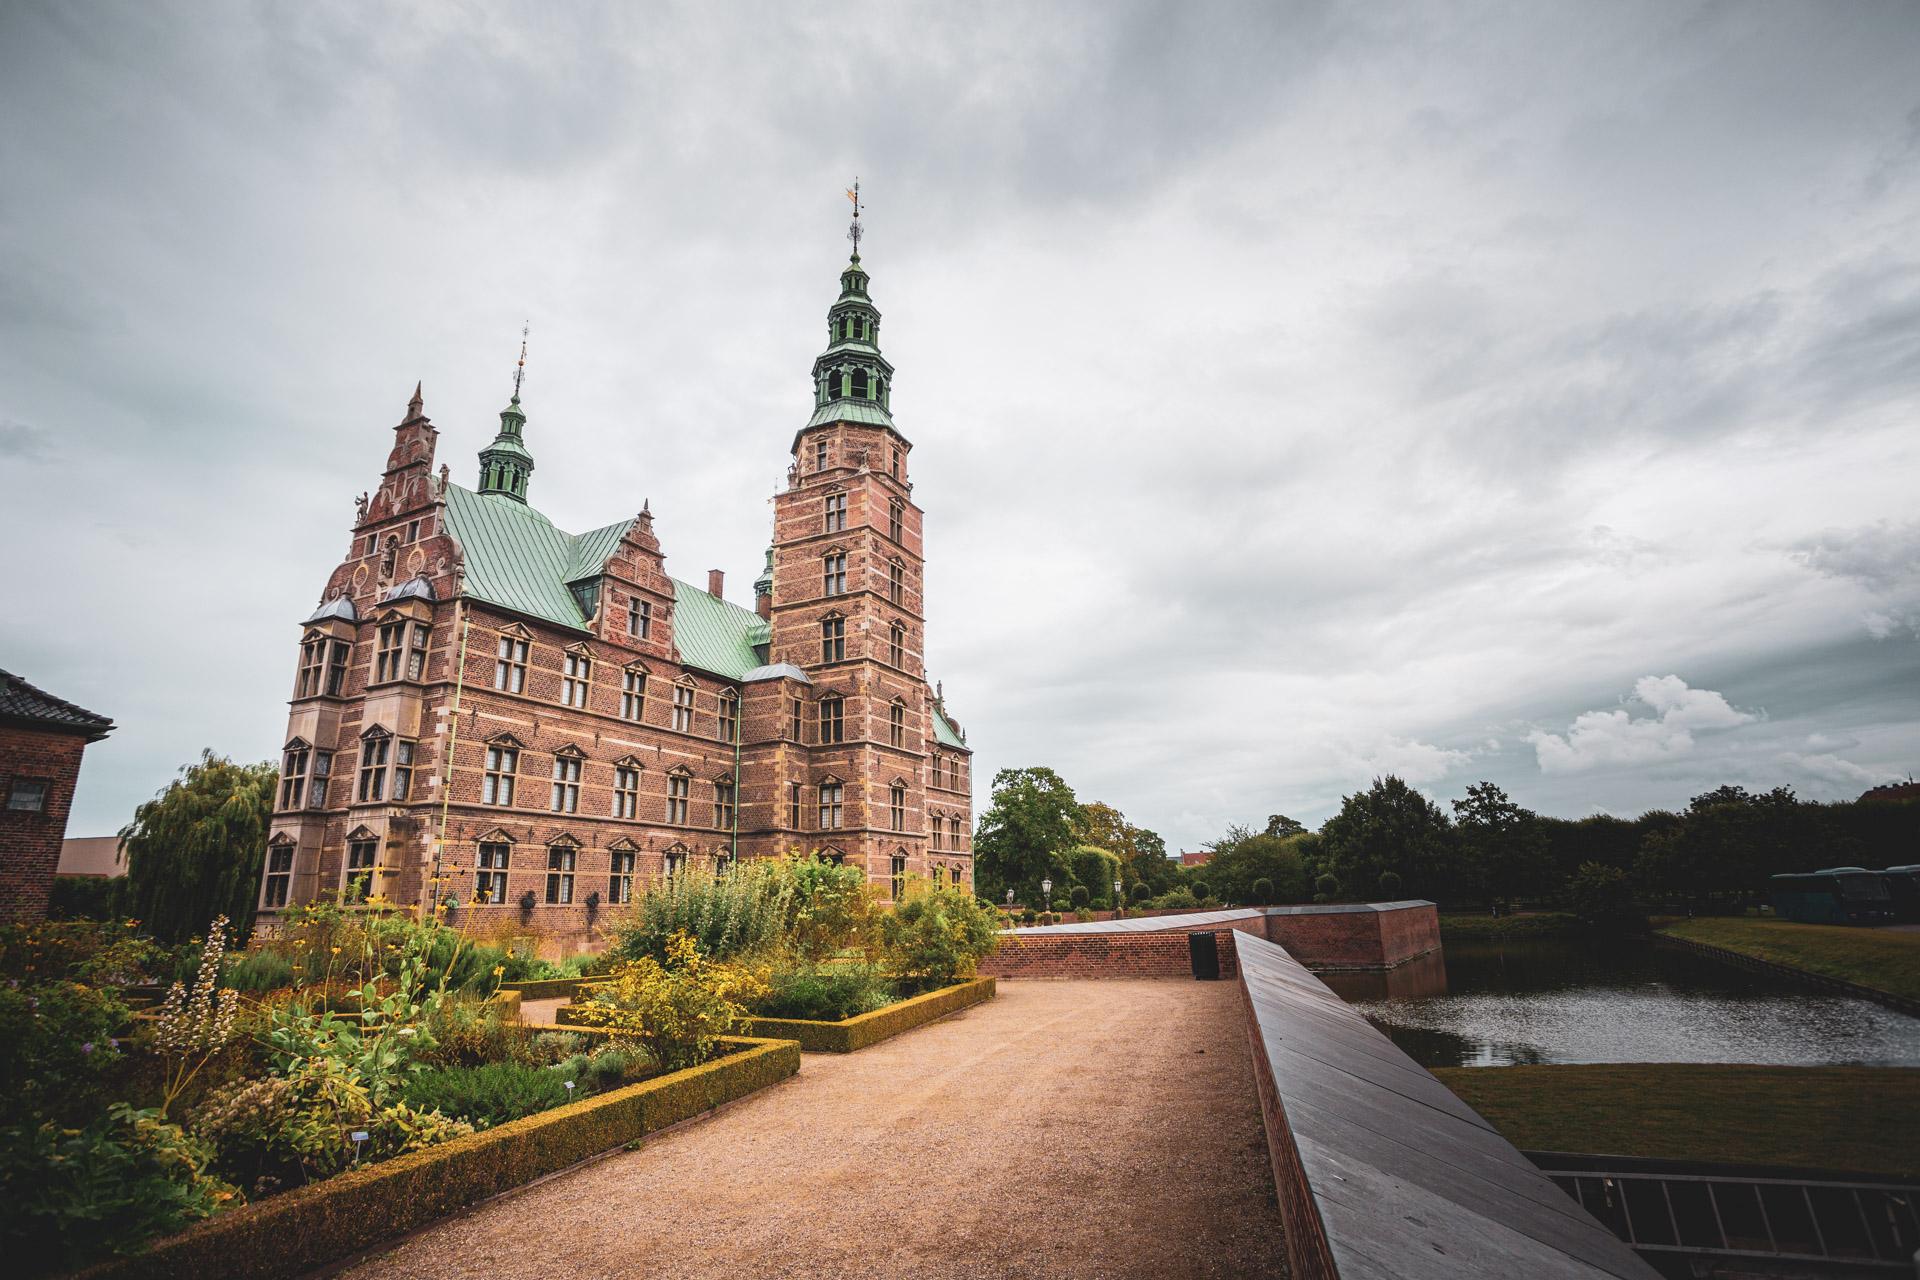 Het Rosenborg paleis in Kopenhagen vanaf de buitenzijde, met torentjes en groen dak